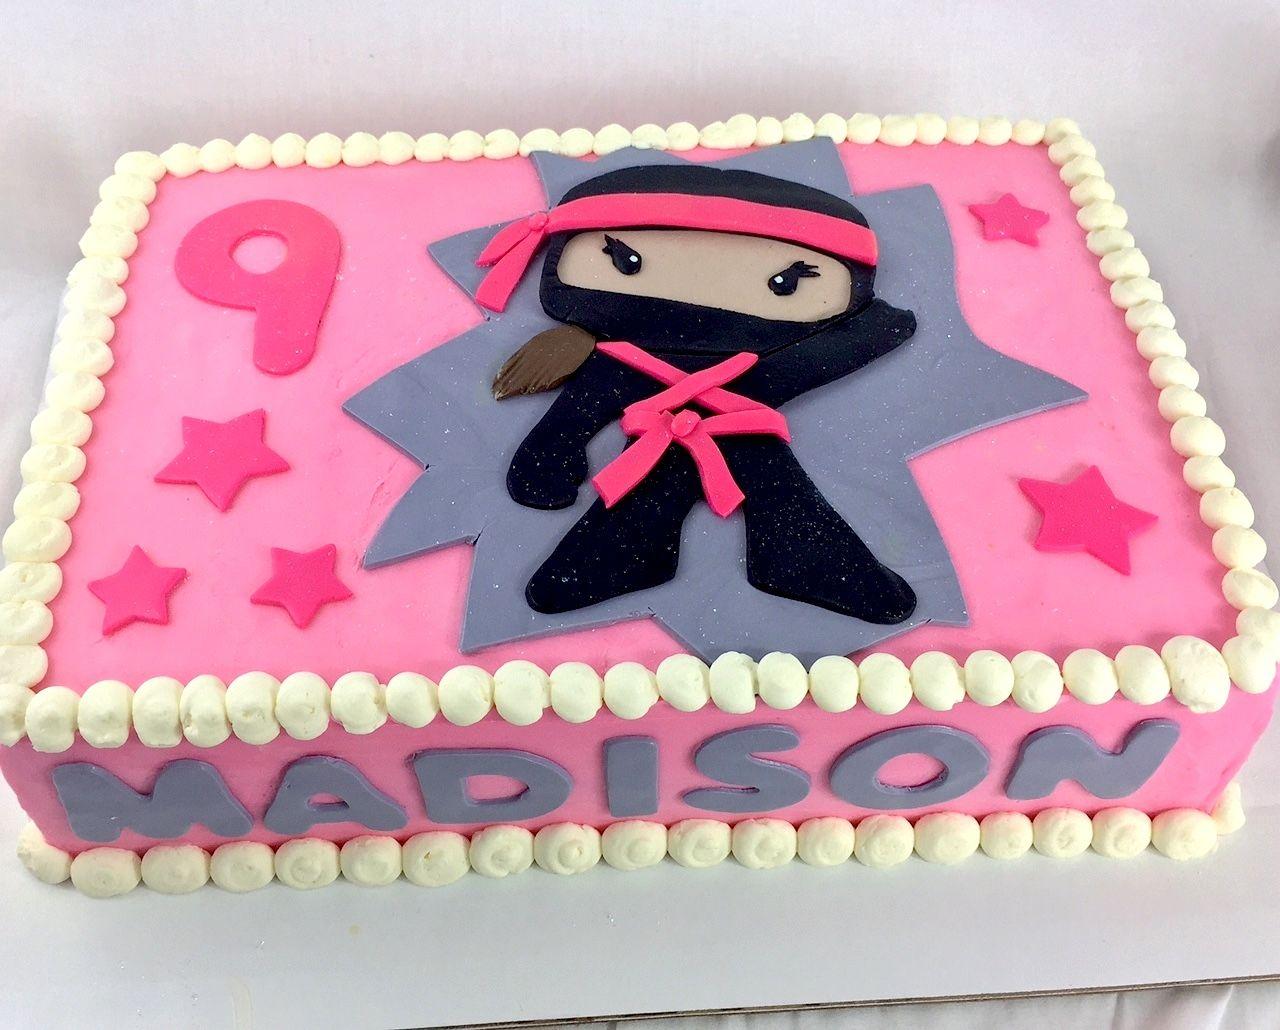 Surprising Ninja Girl Birthdaycake Birthday Cake Pink With Images Birthday Cards Printable Inklcafe Filternl